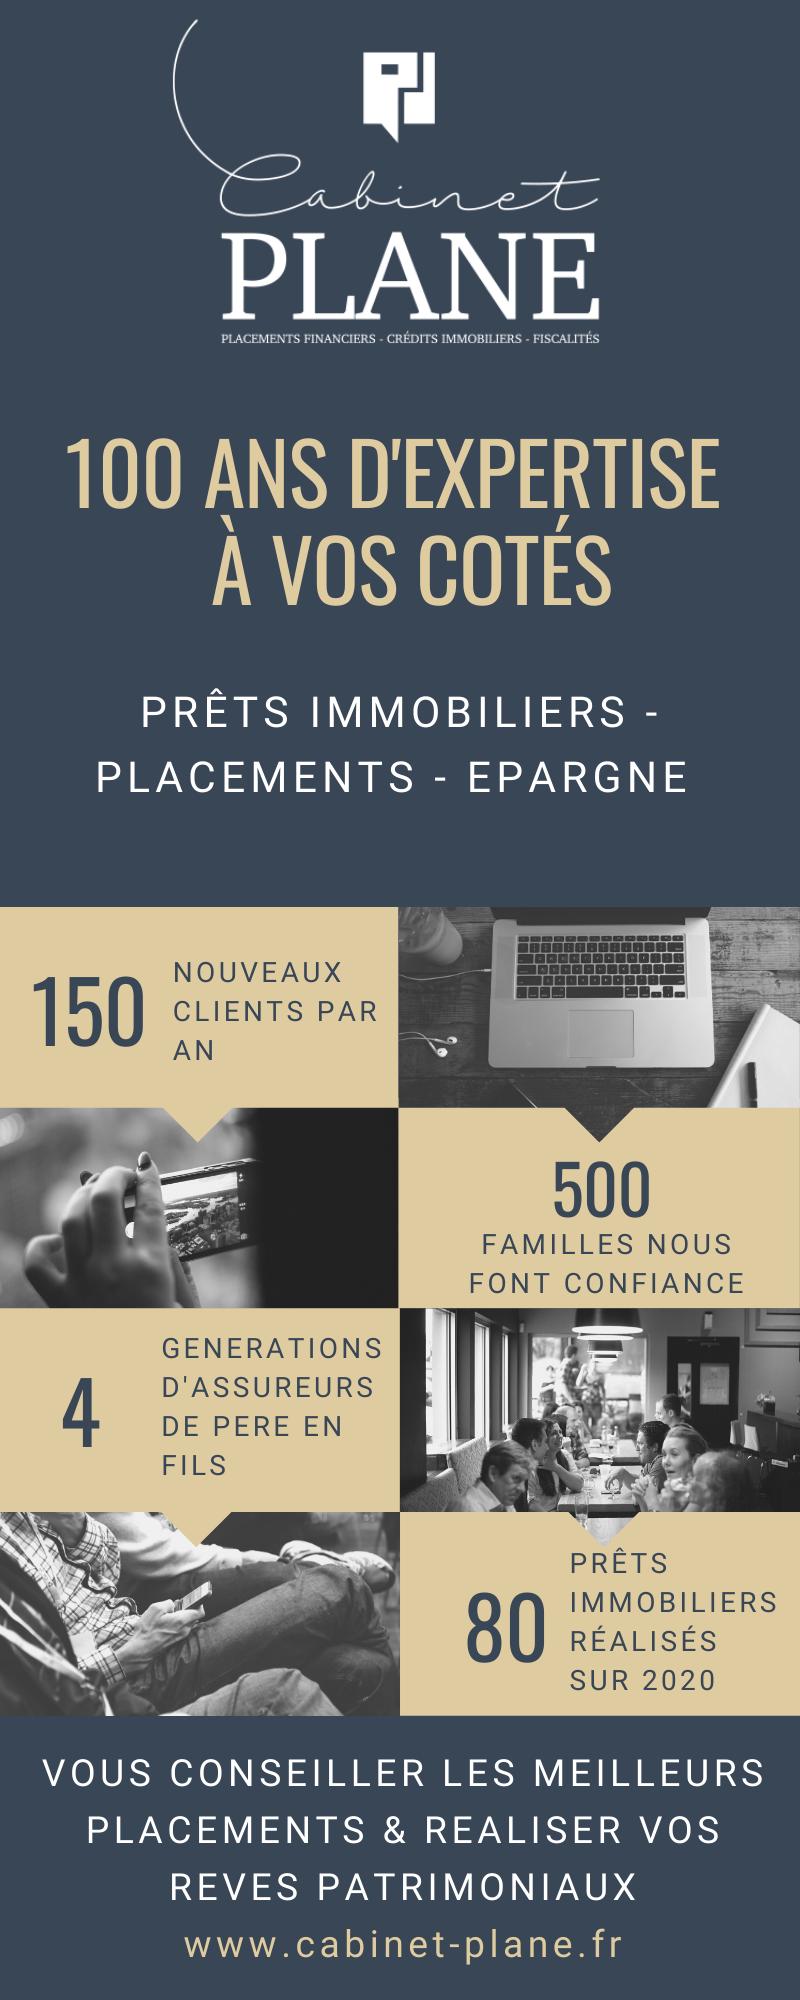 cabinet-plane-perpignan-epargne-patrimoine-infographie-100-ans-a-vos-cotes